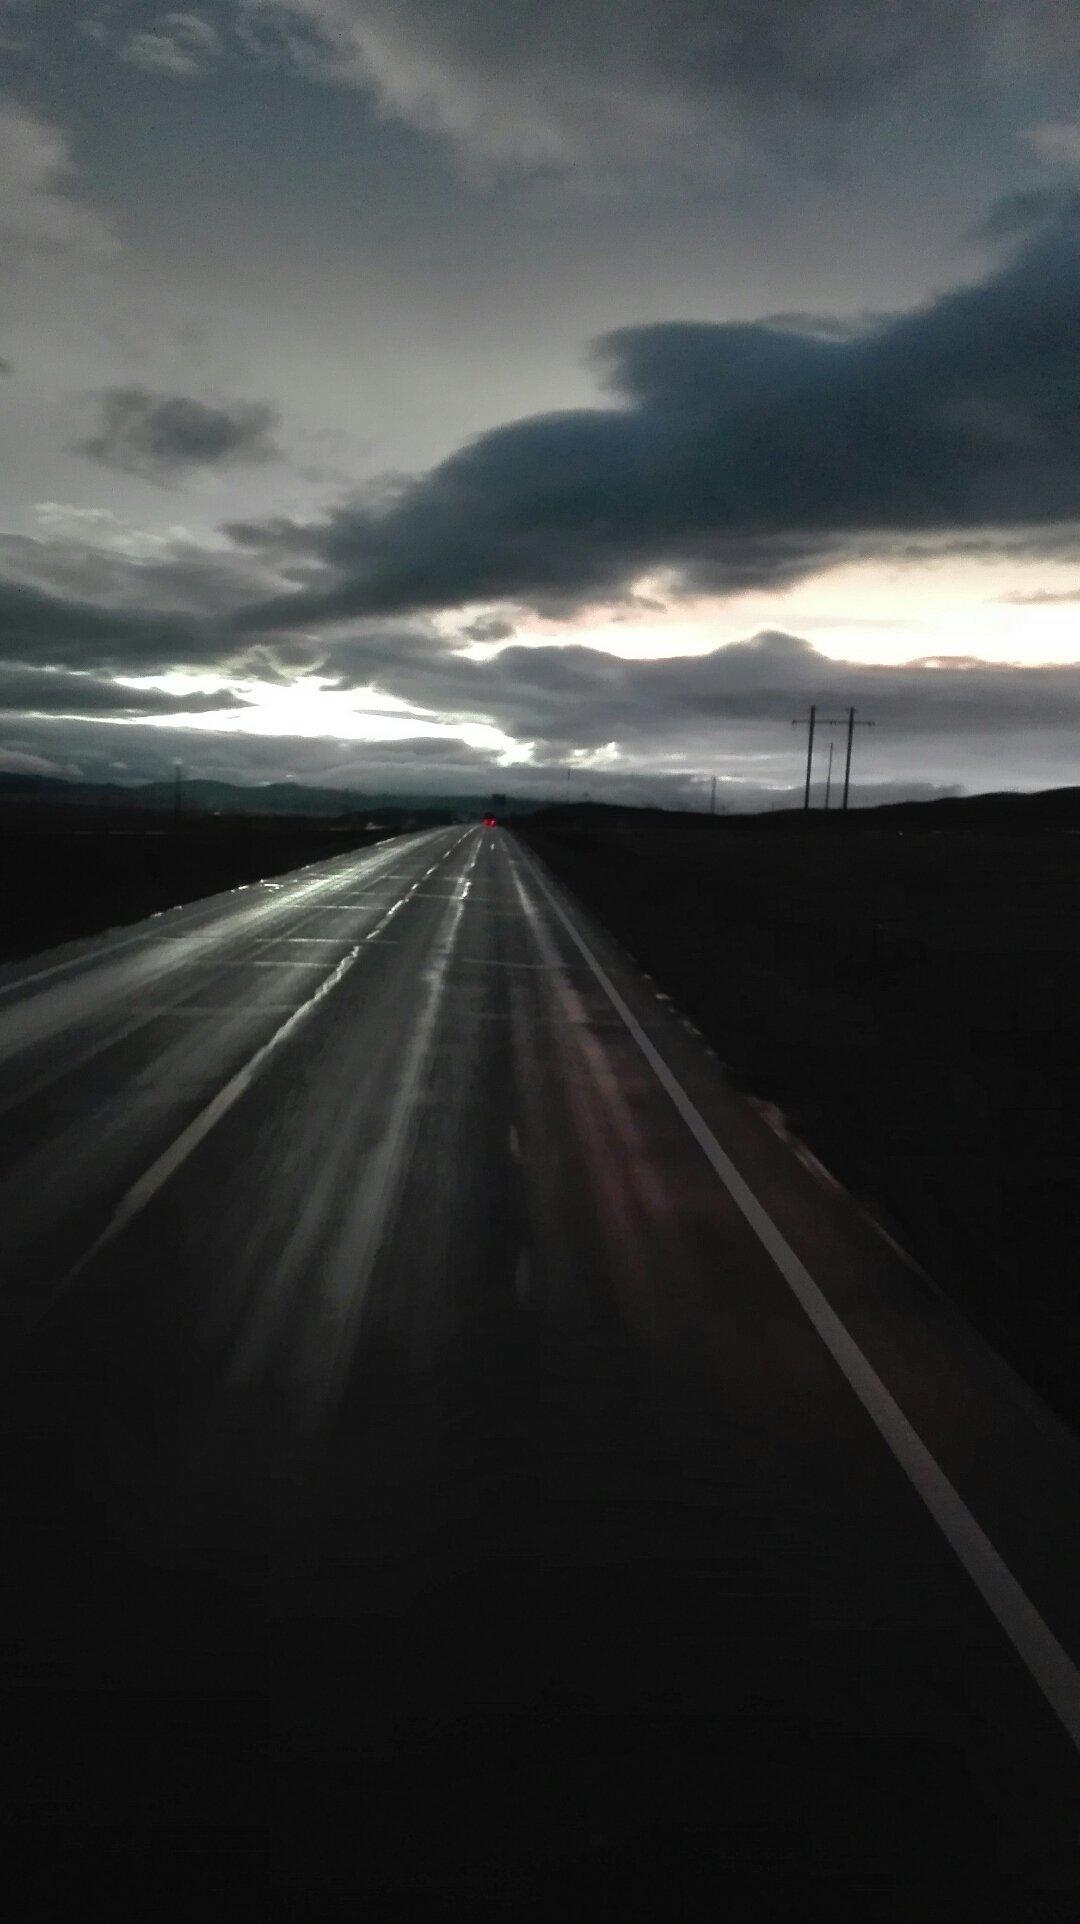 甘肃省甘南藏族自治州碌曲县尕海乡213国道天气预报